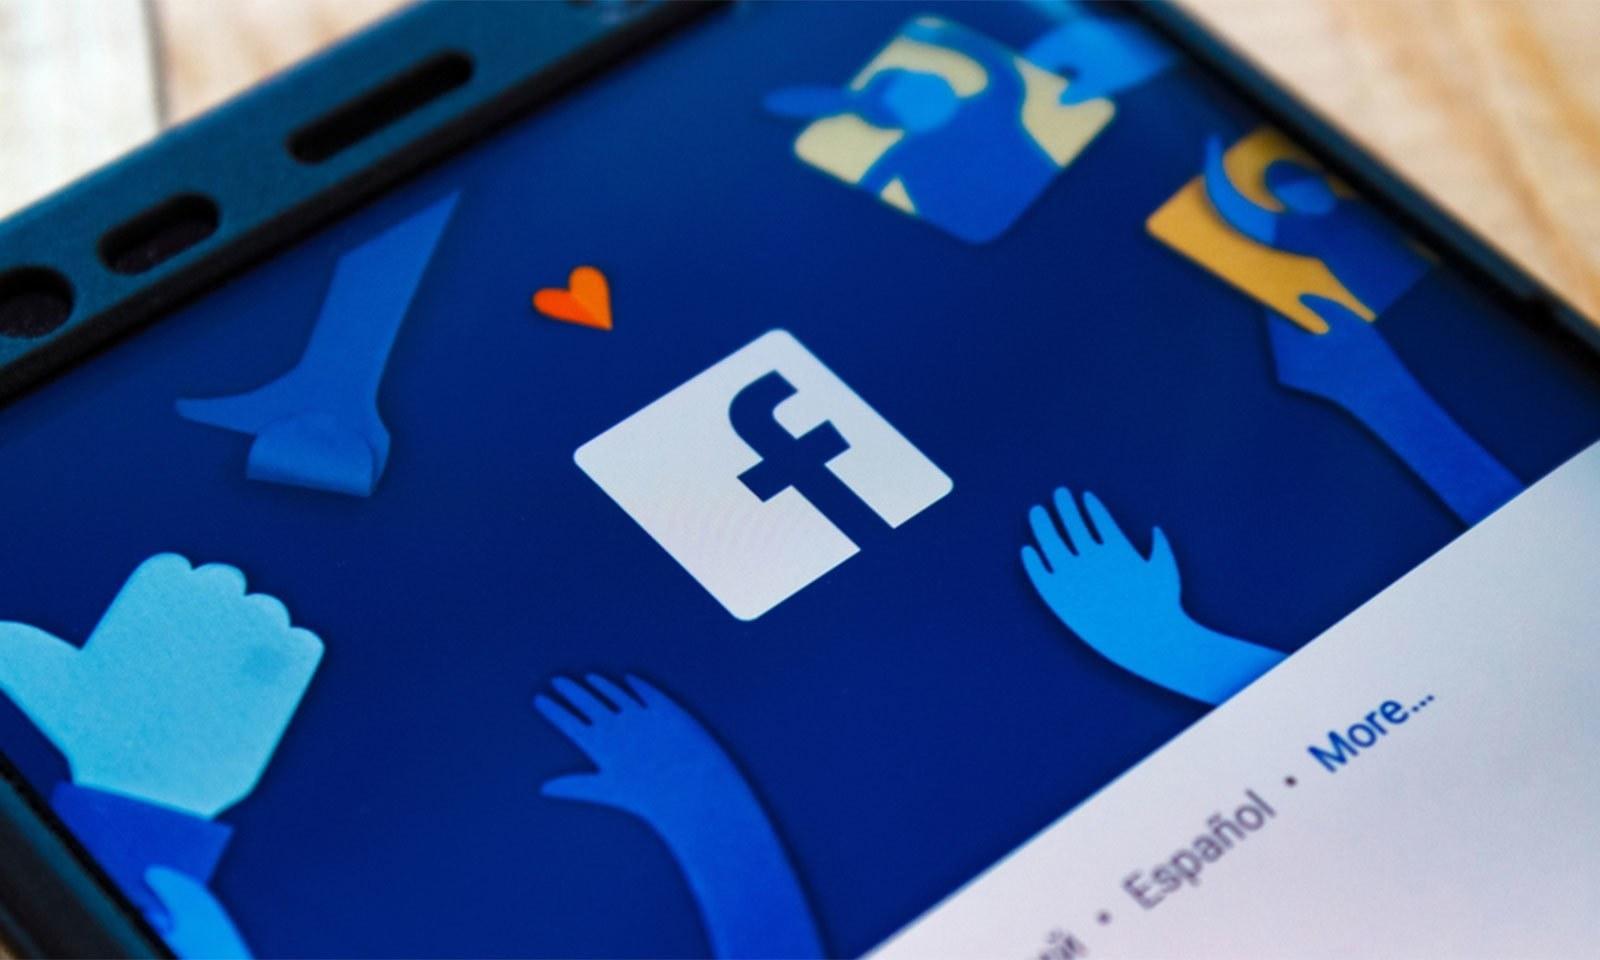 فیس بک صارفین کے ڈیٹا کے حصول کے لیے پاکستانی درخواستیں بڑھ گئیں